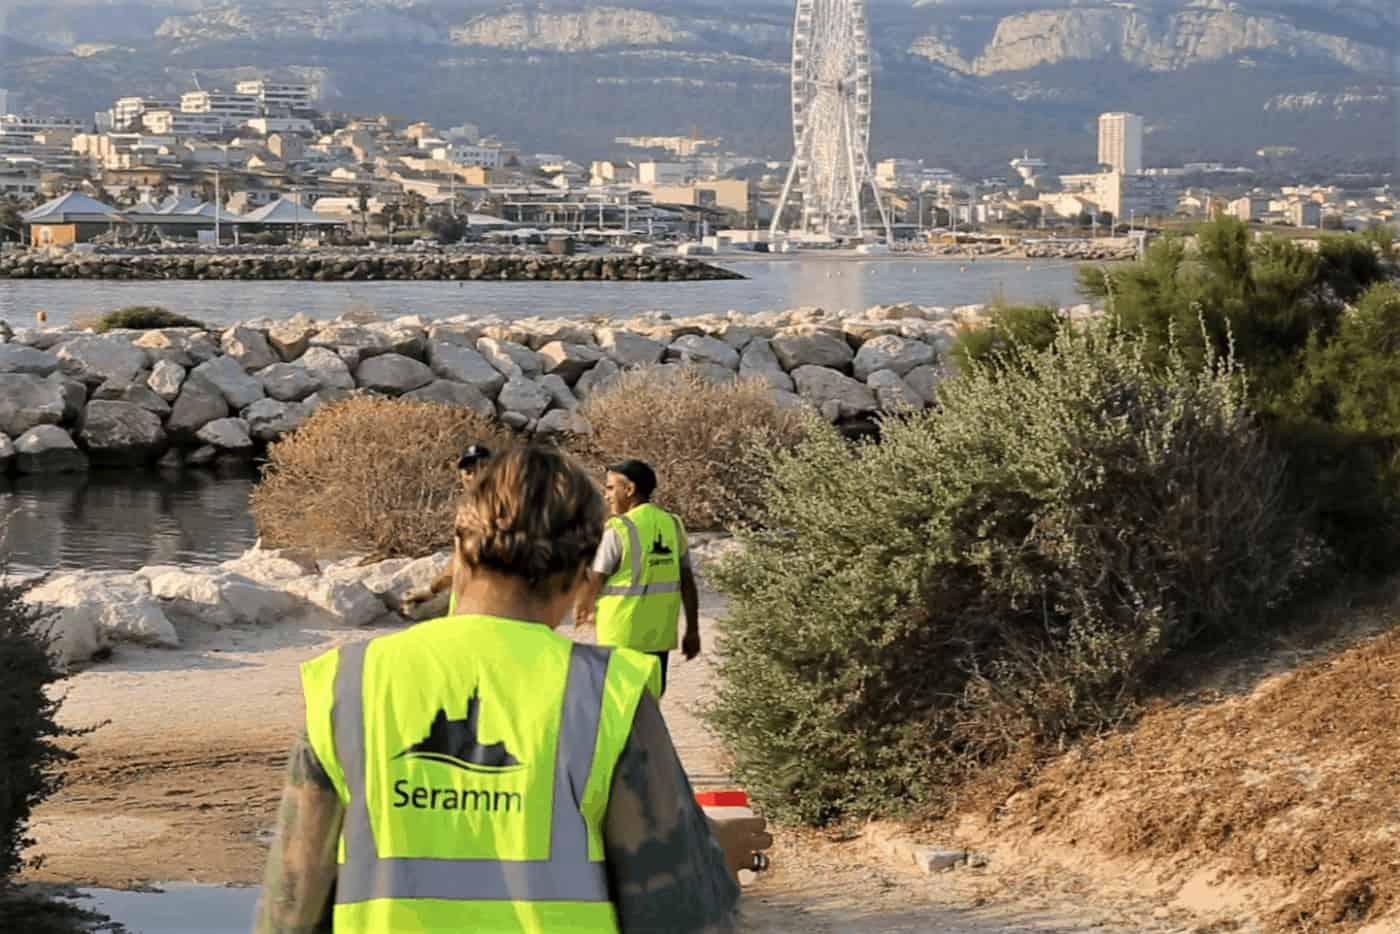 , Comment le Seramm gère le réseau d'assainissement à Marseille, Made in Marseille, Made in Marseille